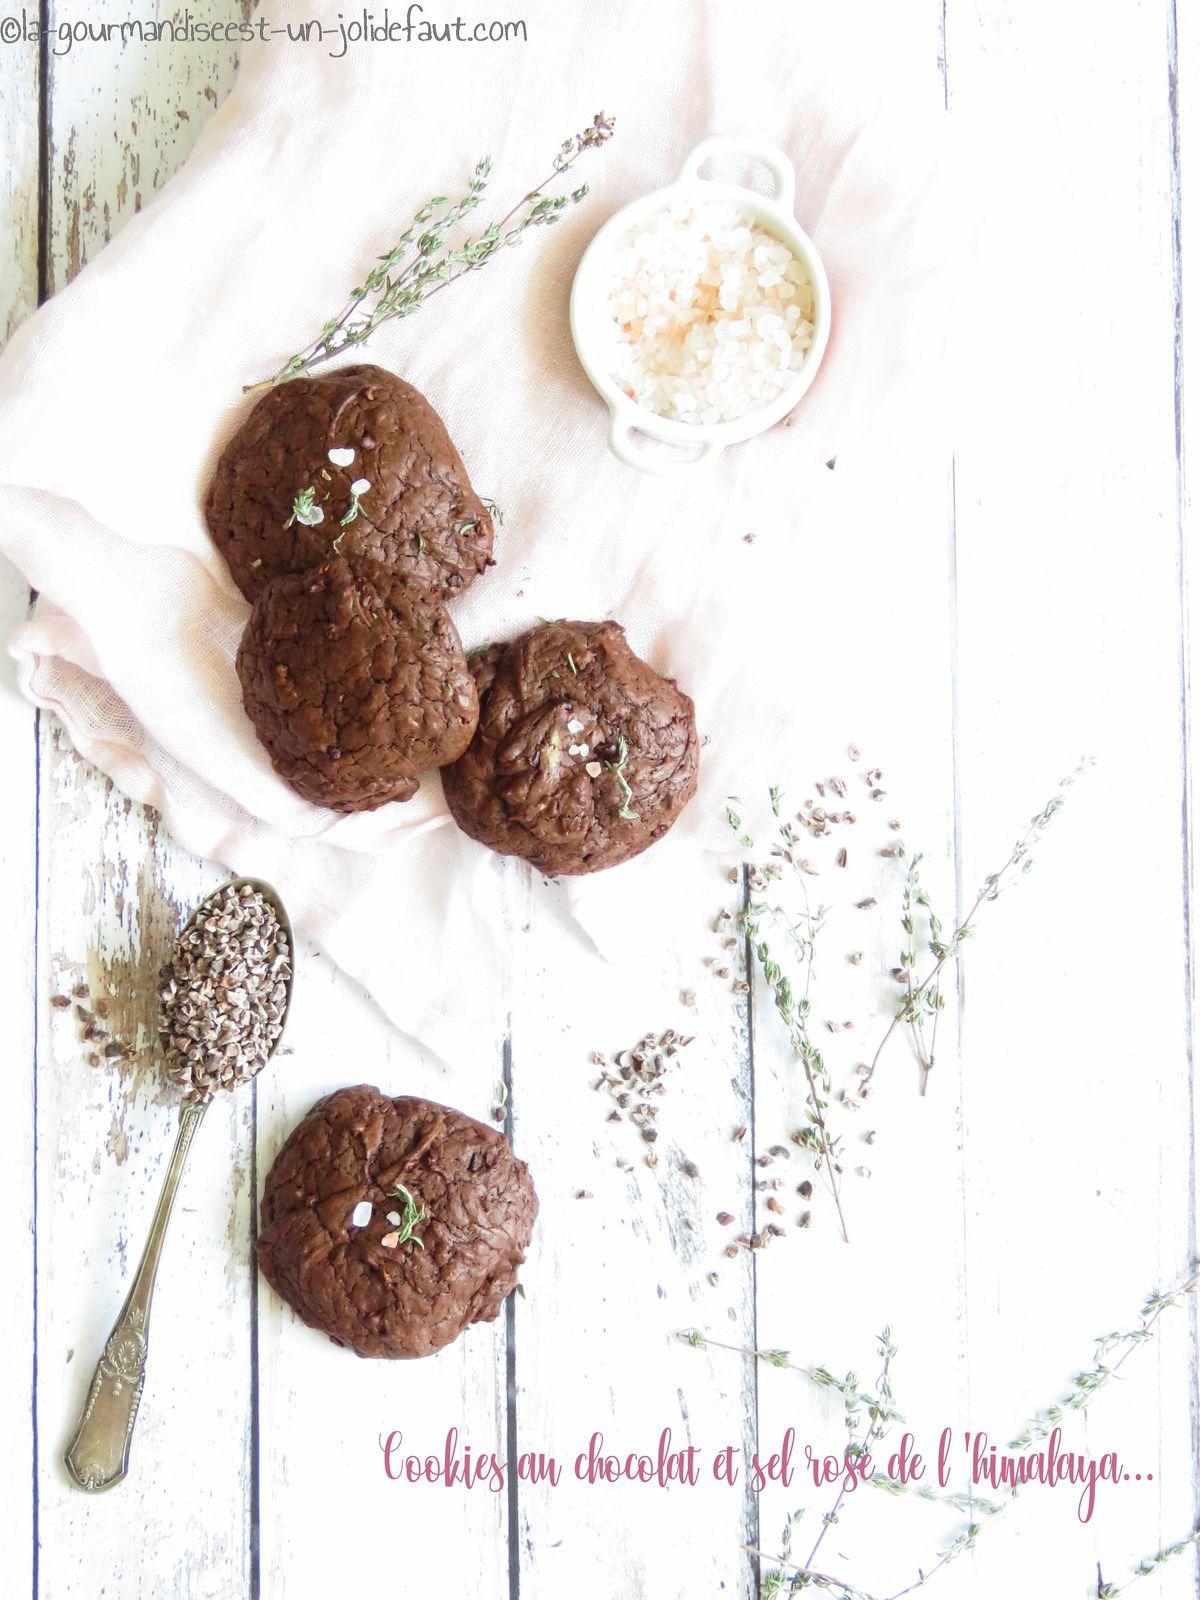 Cookies au chocolat et fleur de sel rose de l'himalaya